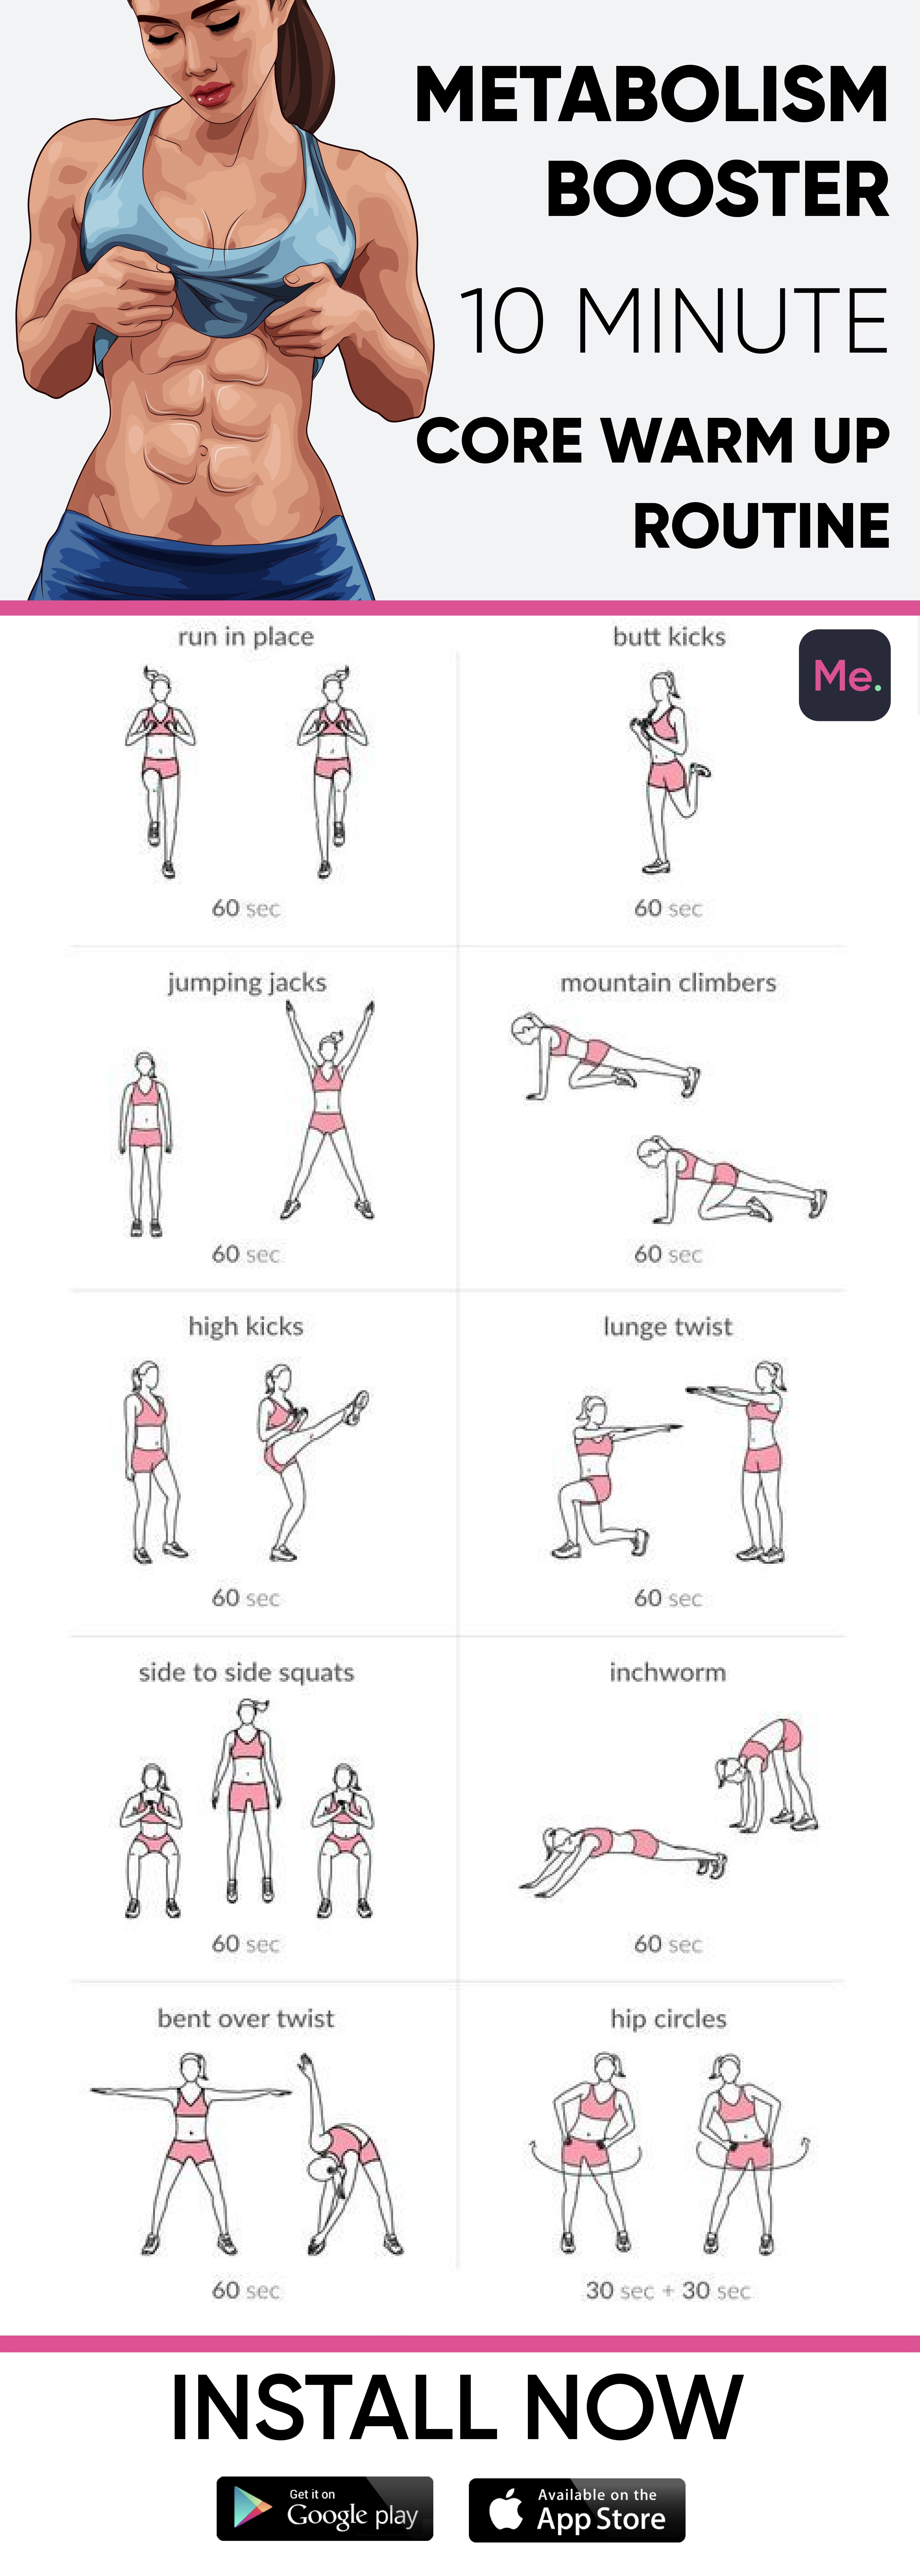 Fast weight loss running tips #rapidweightloss <= | how to diet fast#weightlossjourney #fitness #hea...